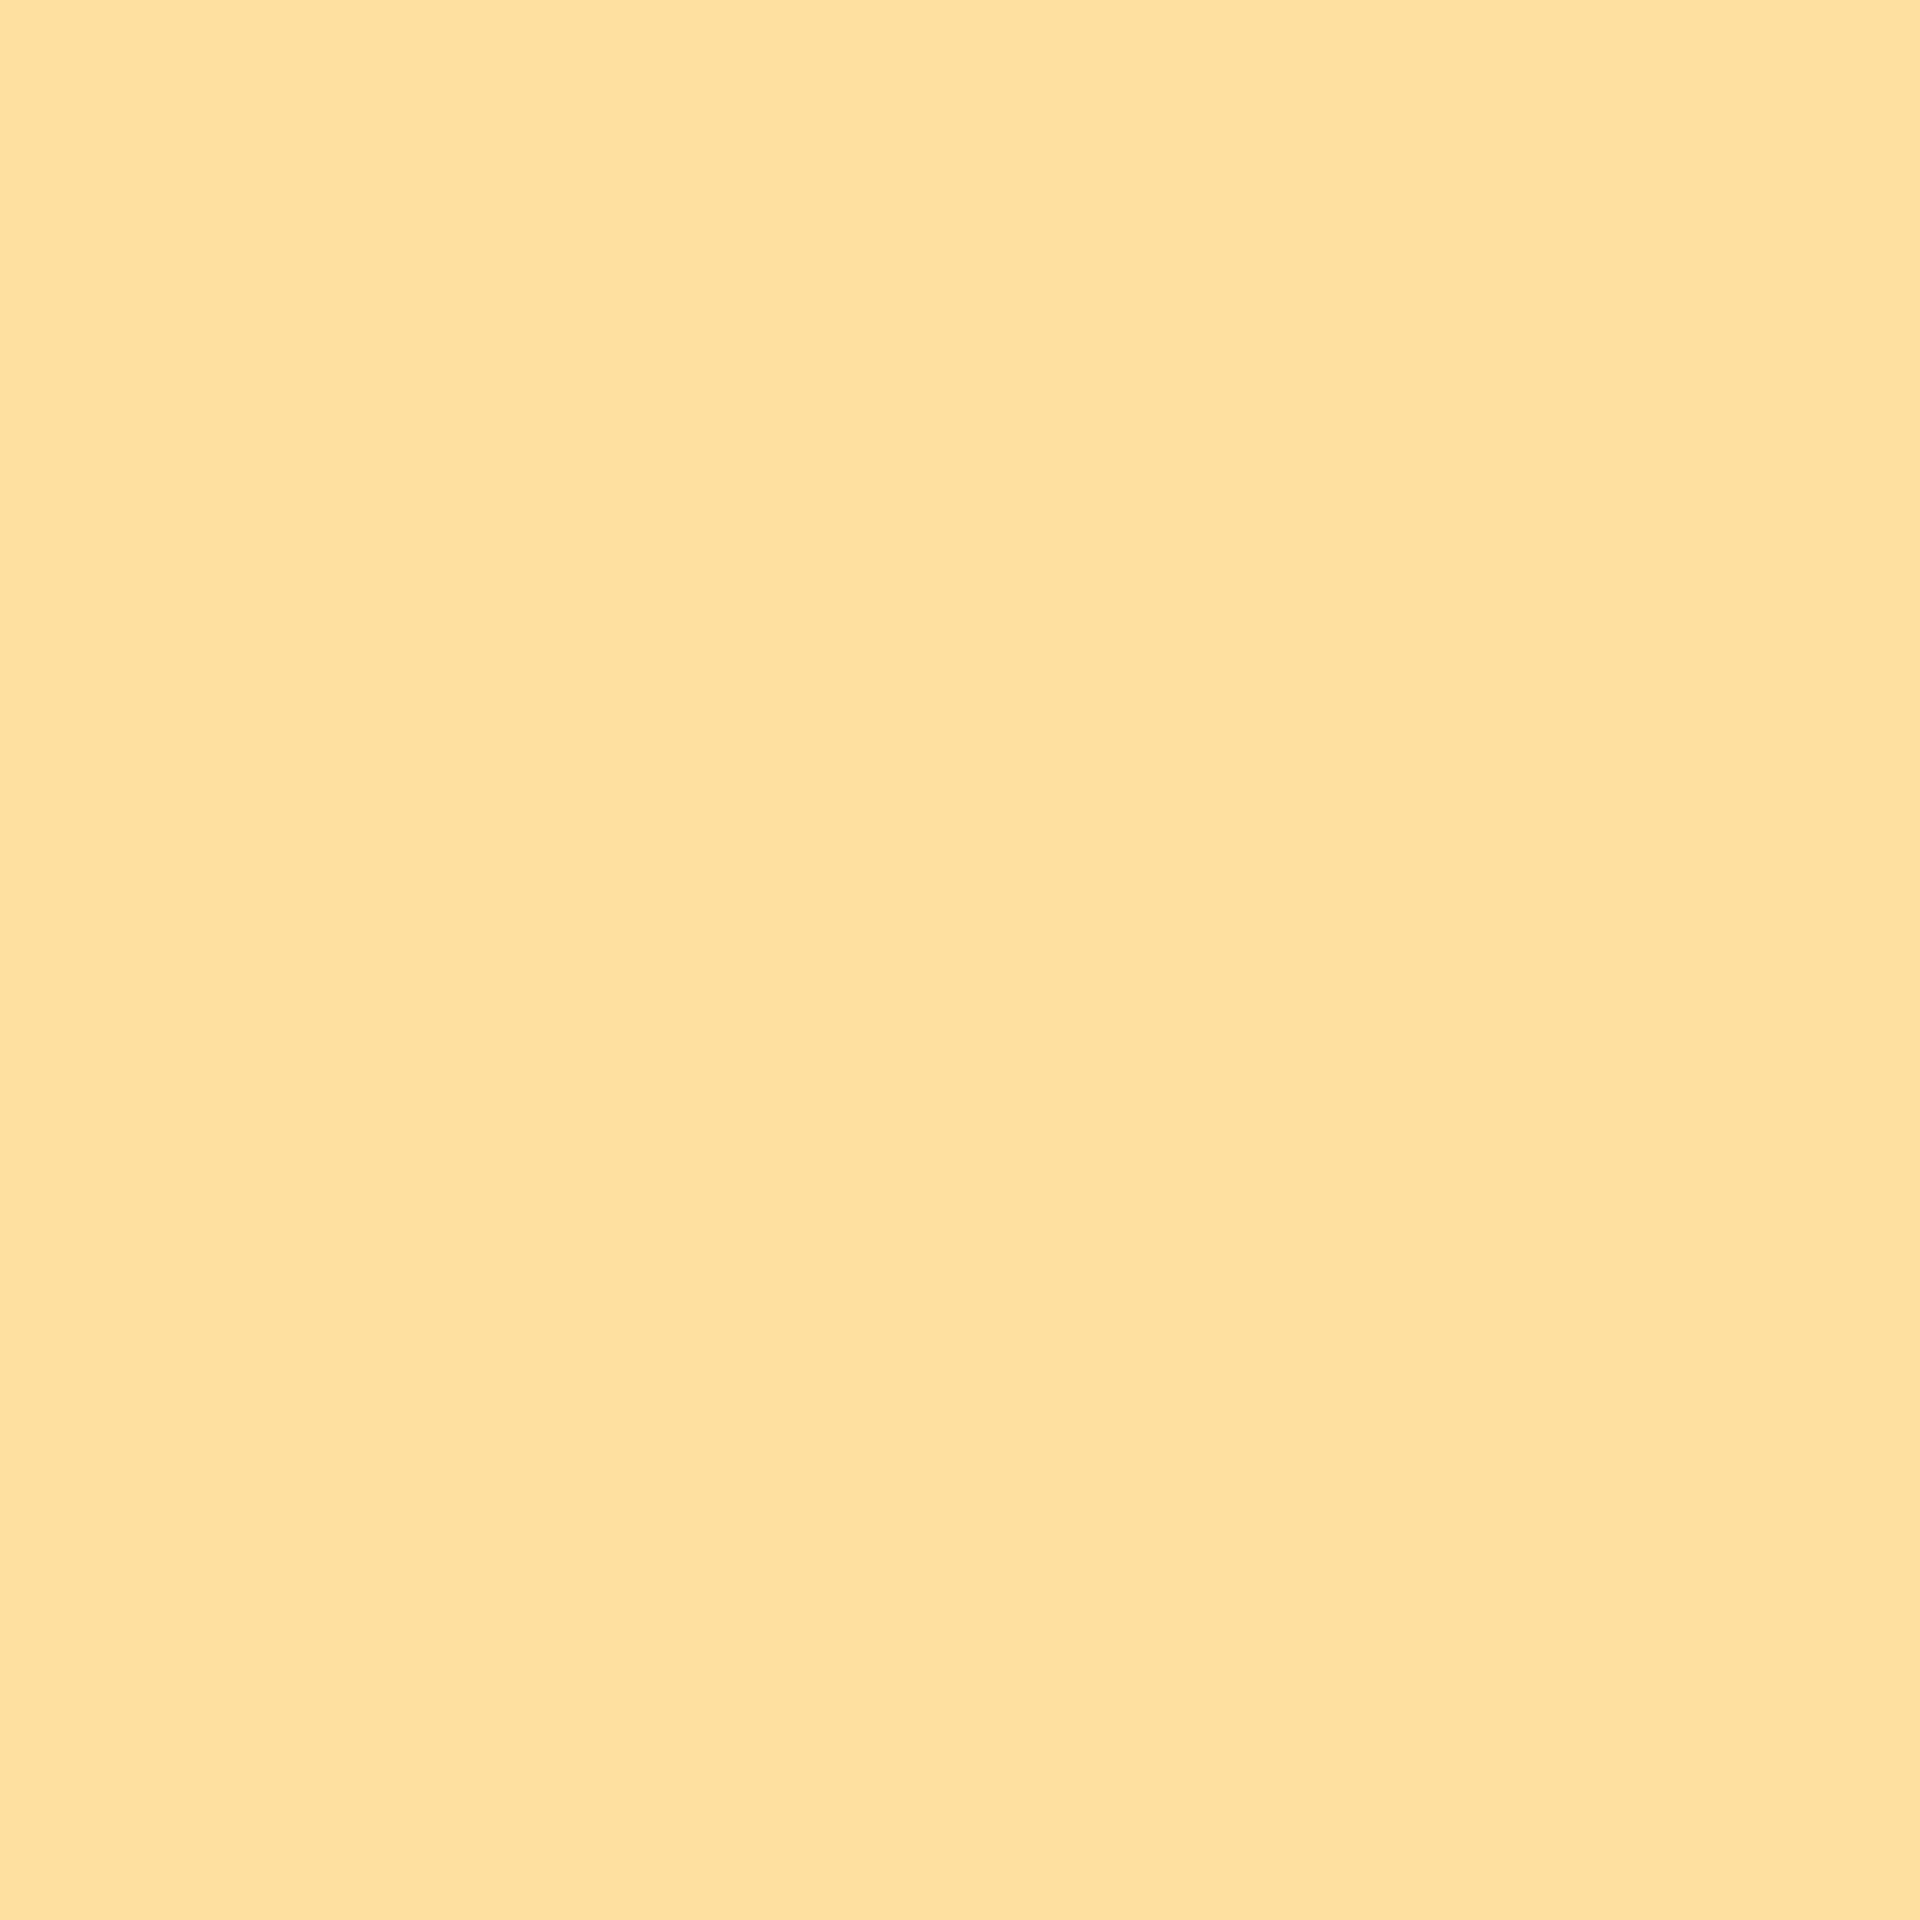 青葉市子の活動10周年記念!初期アルバム『剃刀乙女』と『檻髪』のアナログ版が本日発売 music201223_ichiko-aoba_5-1920x1920